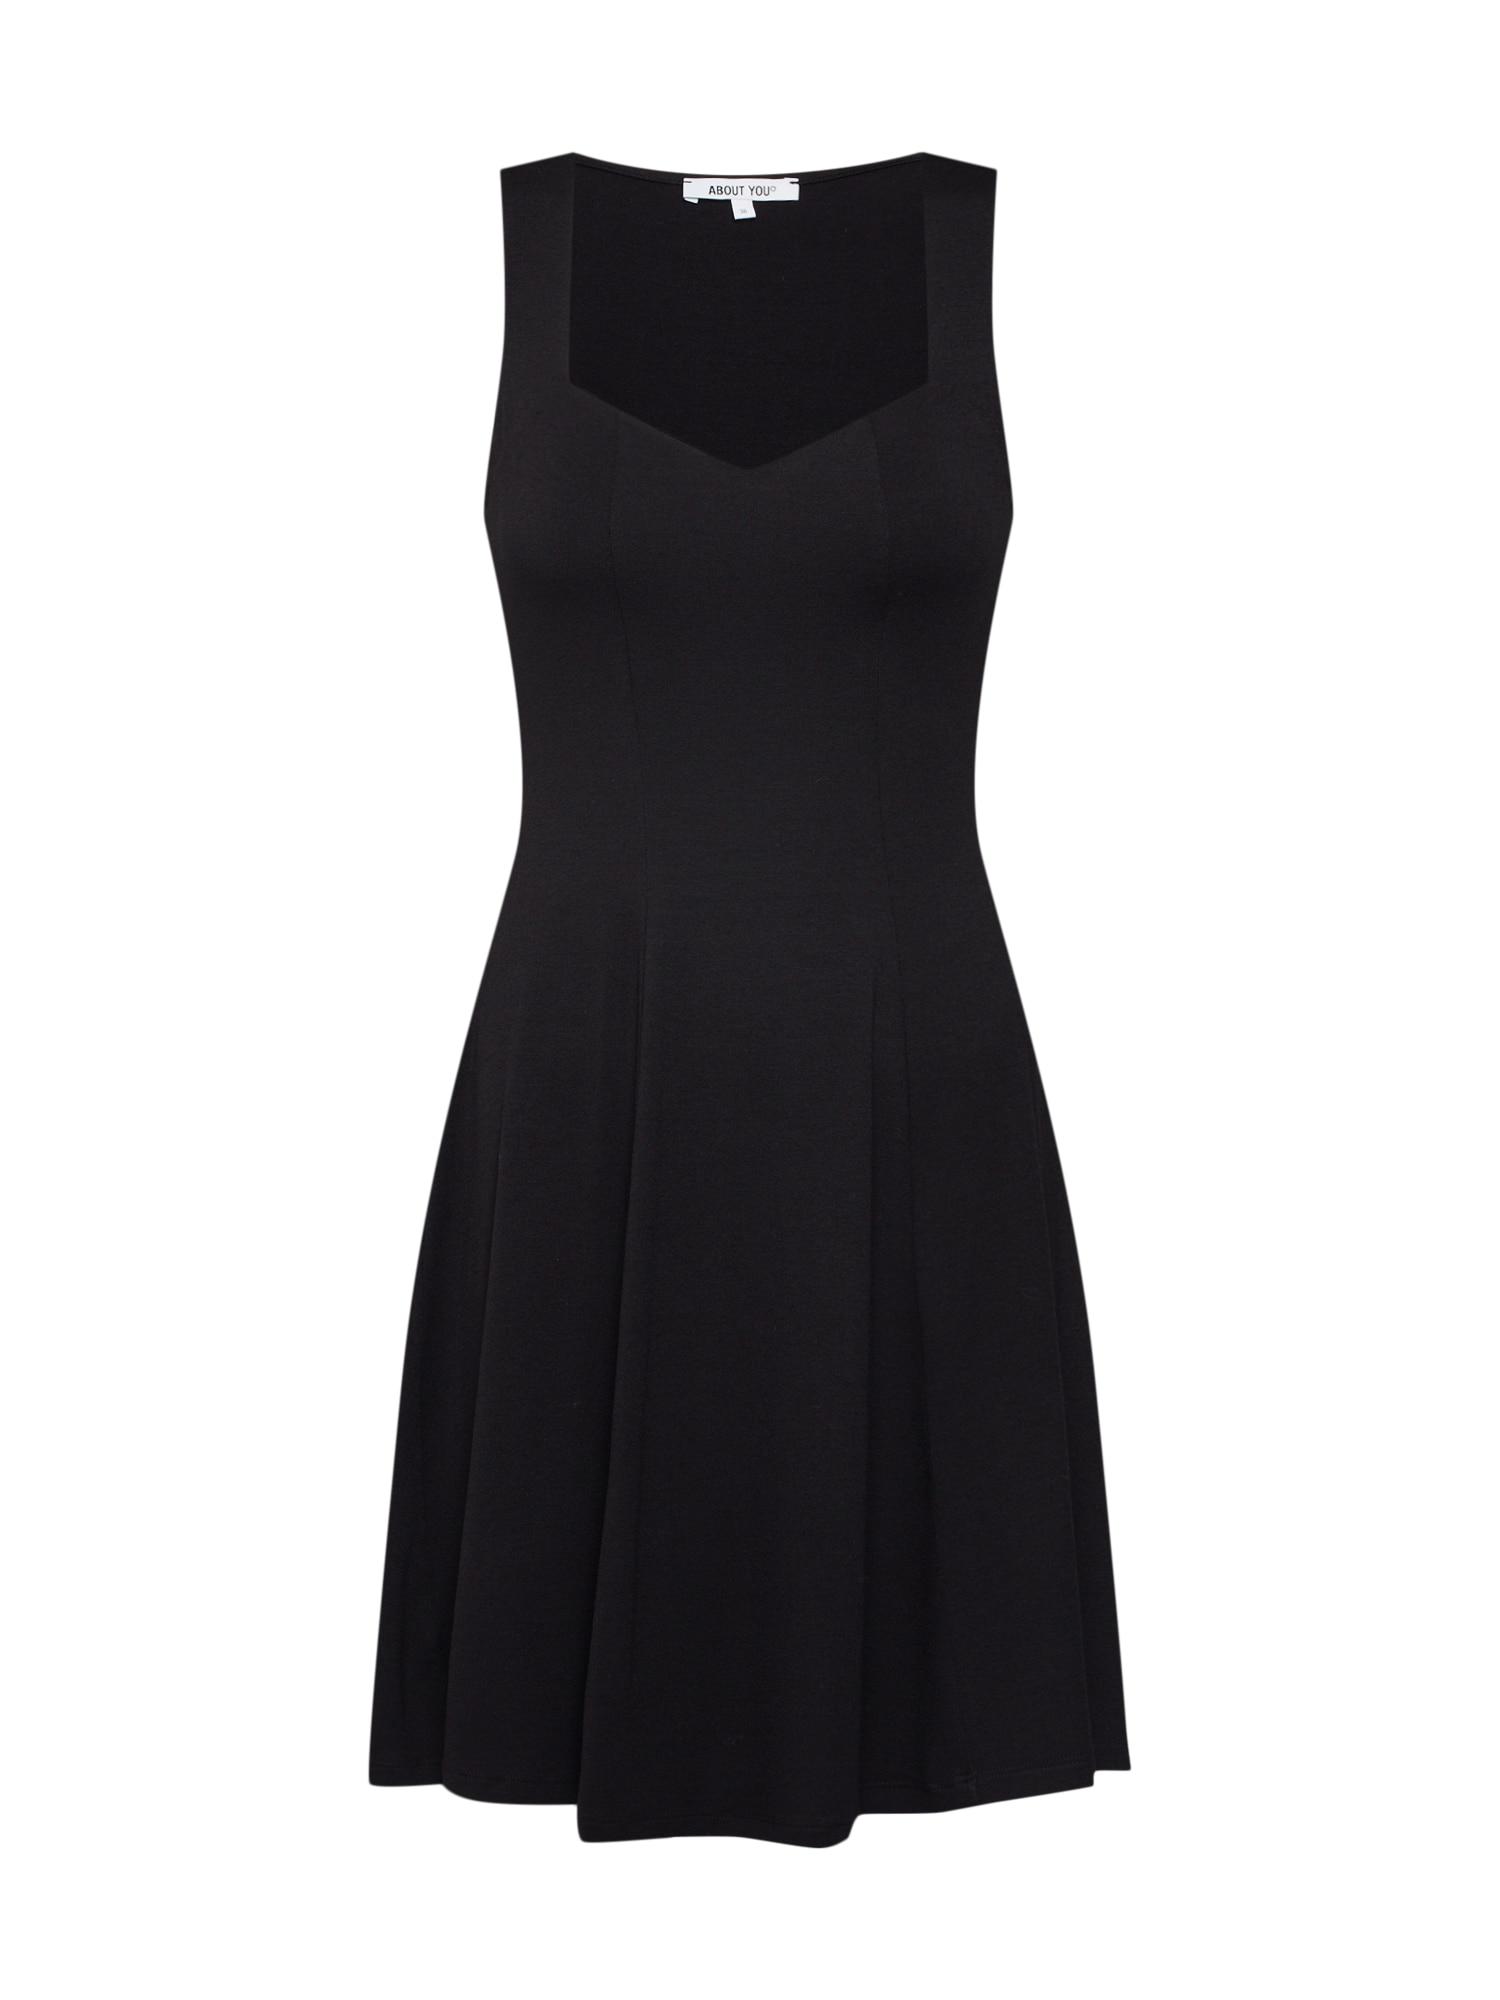 Šaty Floria černá ABOUT YOU